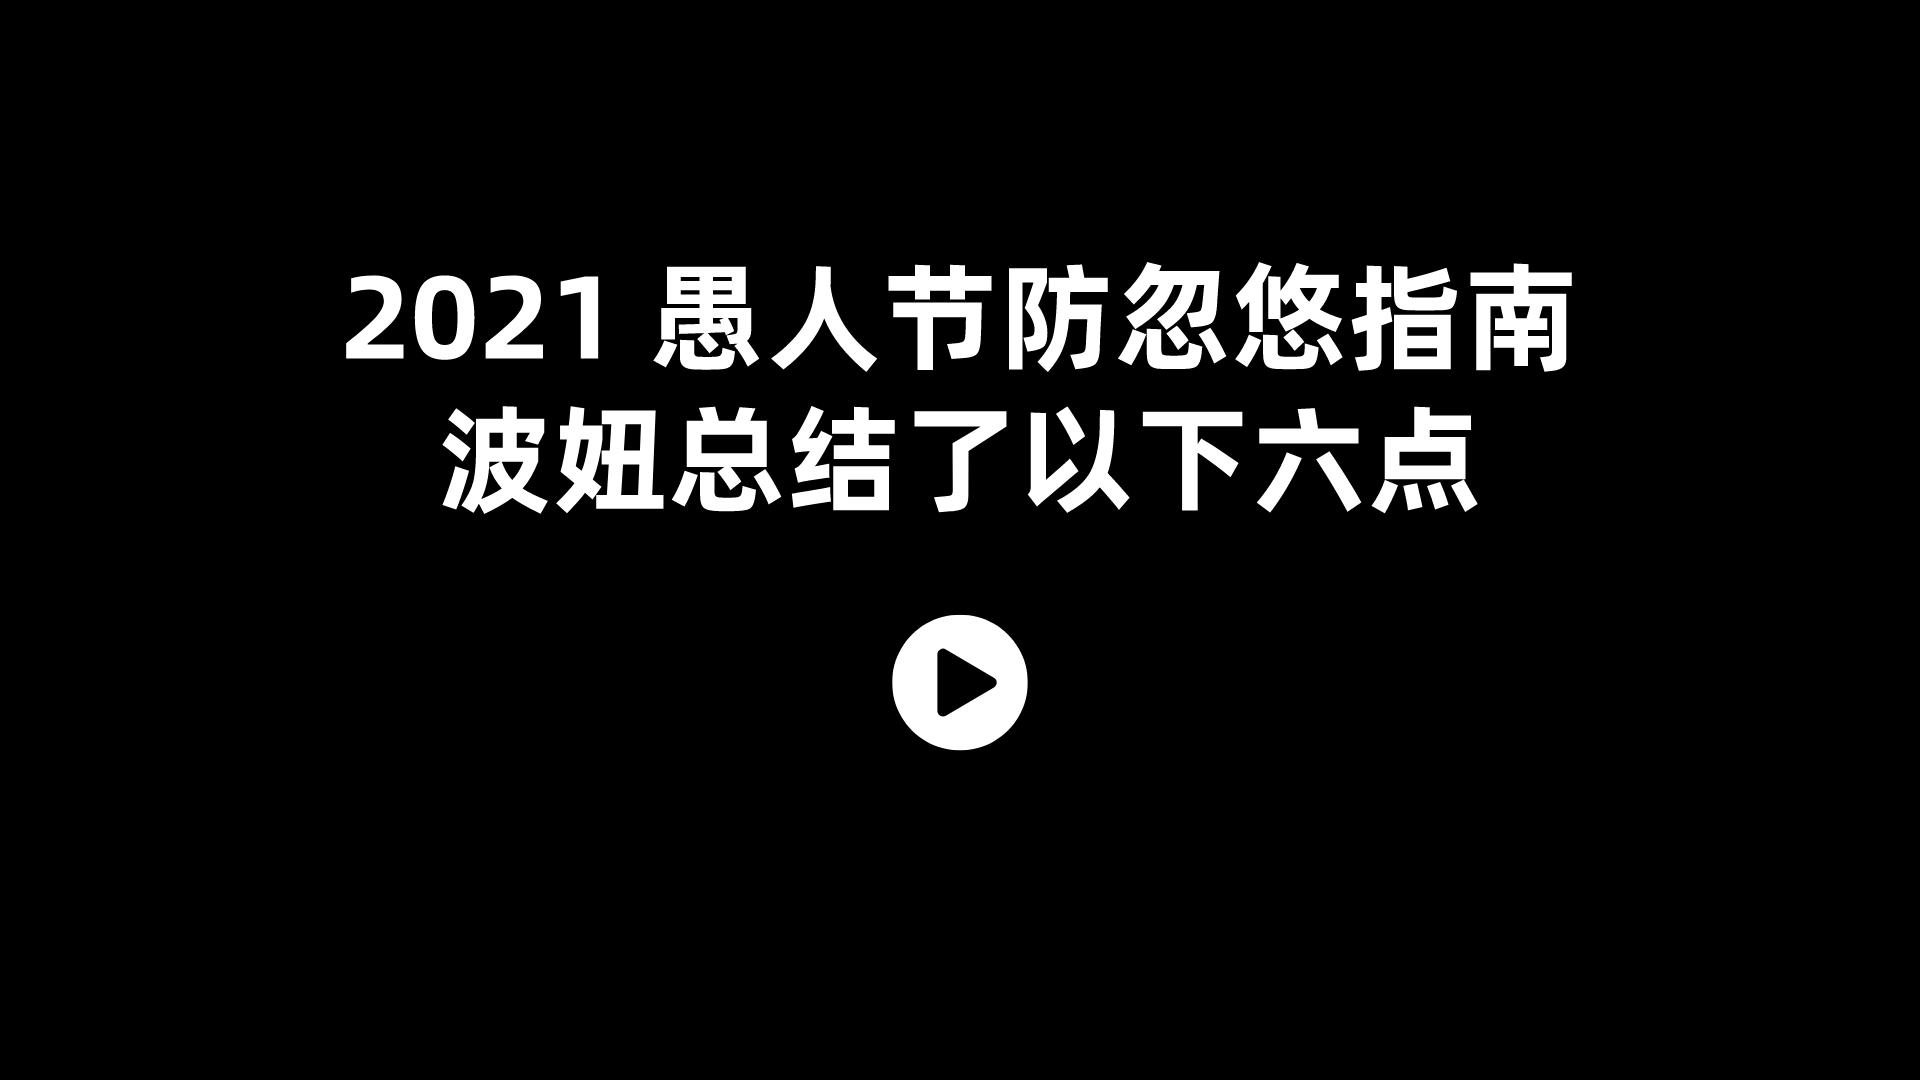 视频1.png